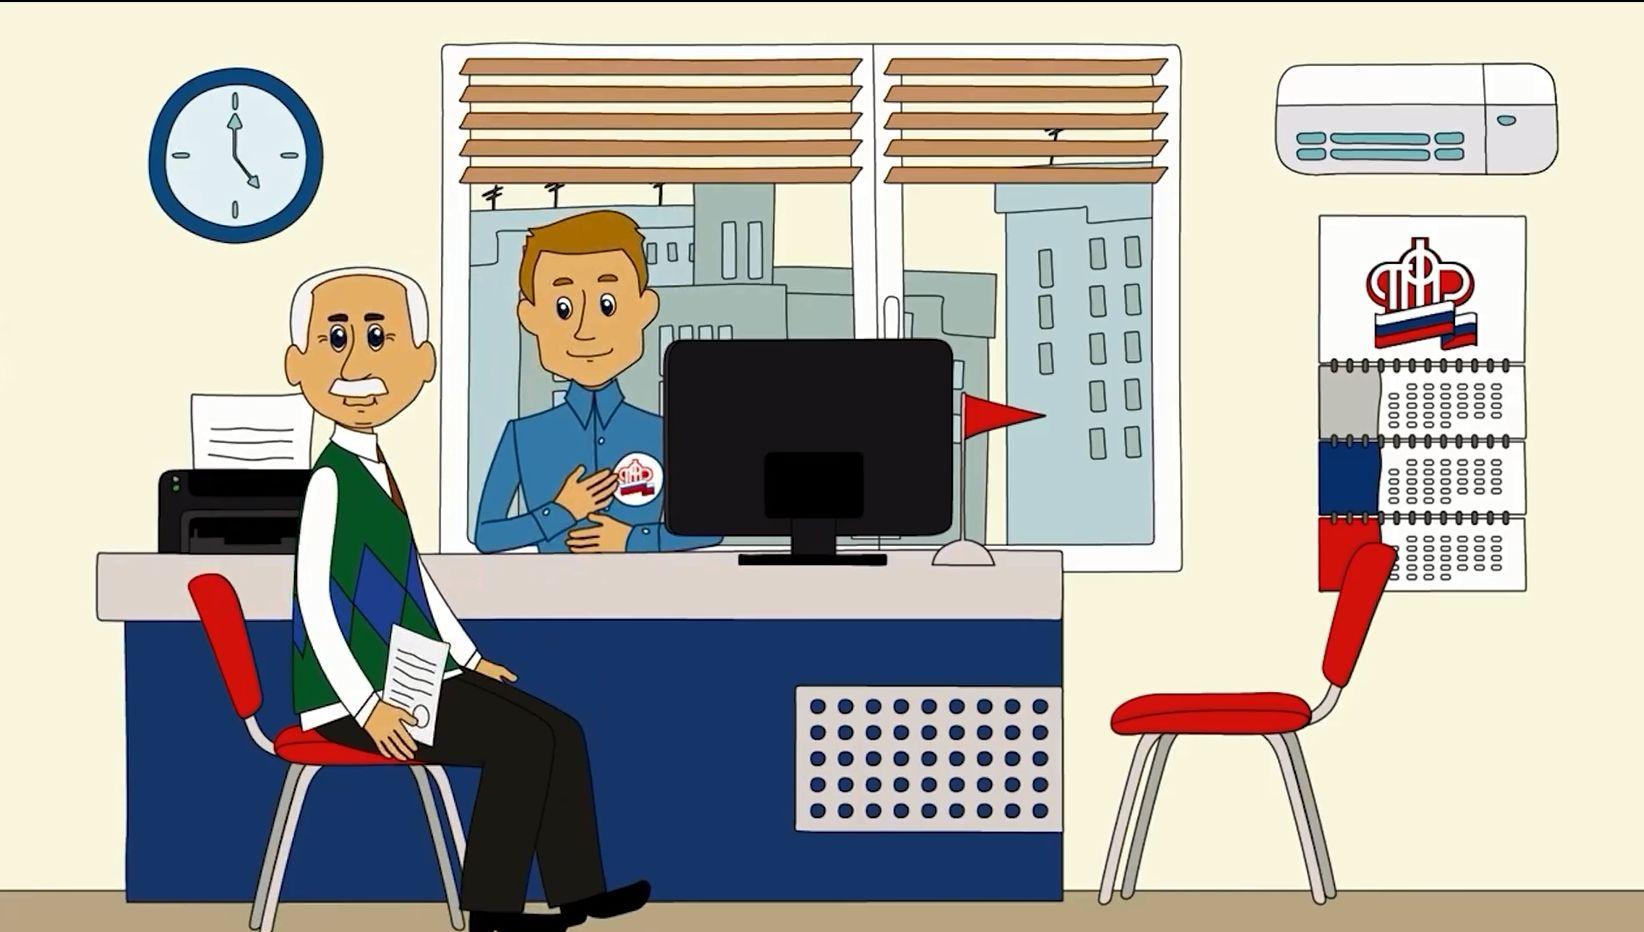 Как рассчитываются индивидуальные пенсионные коэффициенты? (ч. 2)